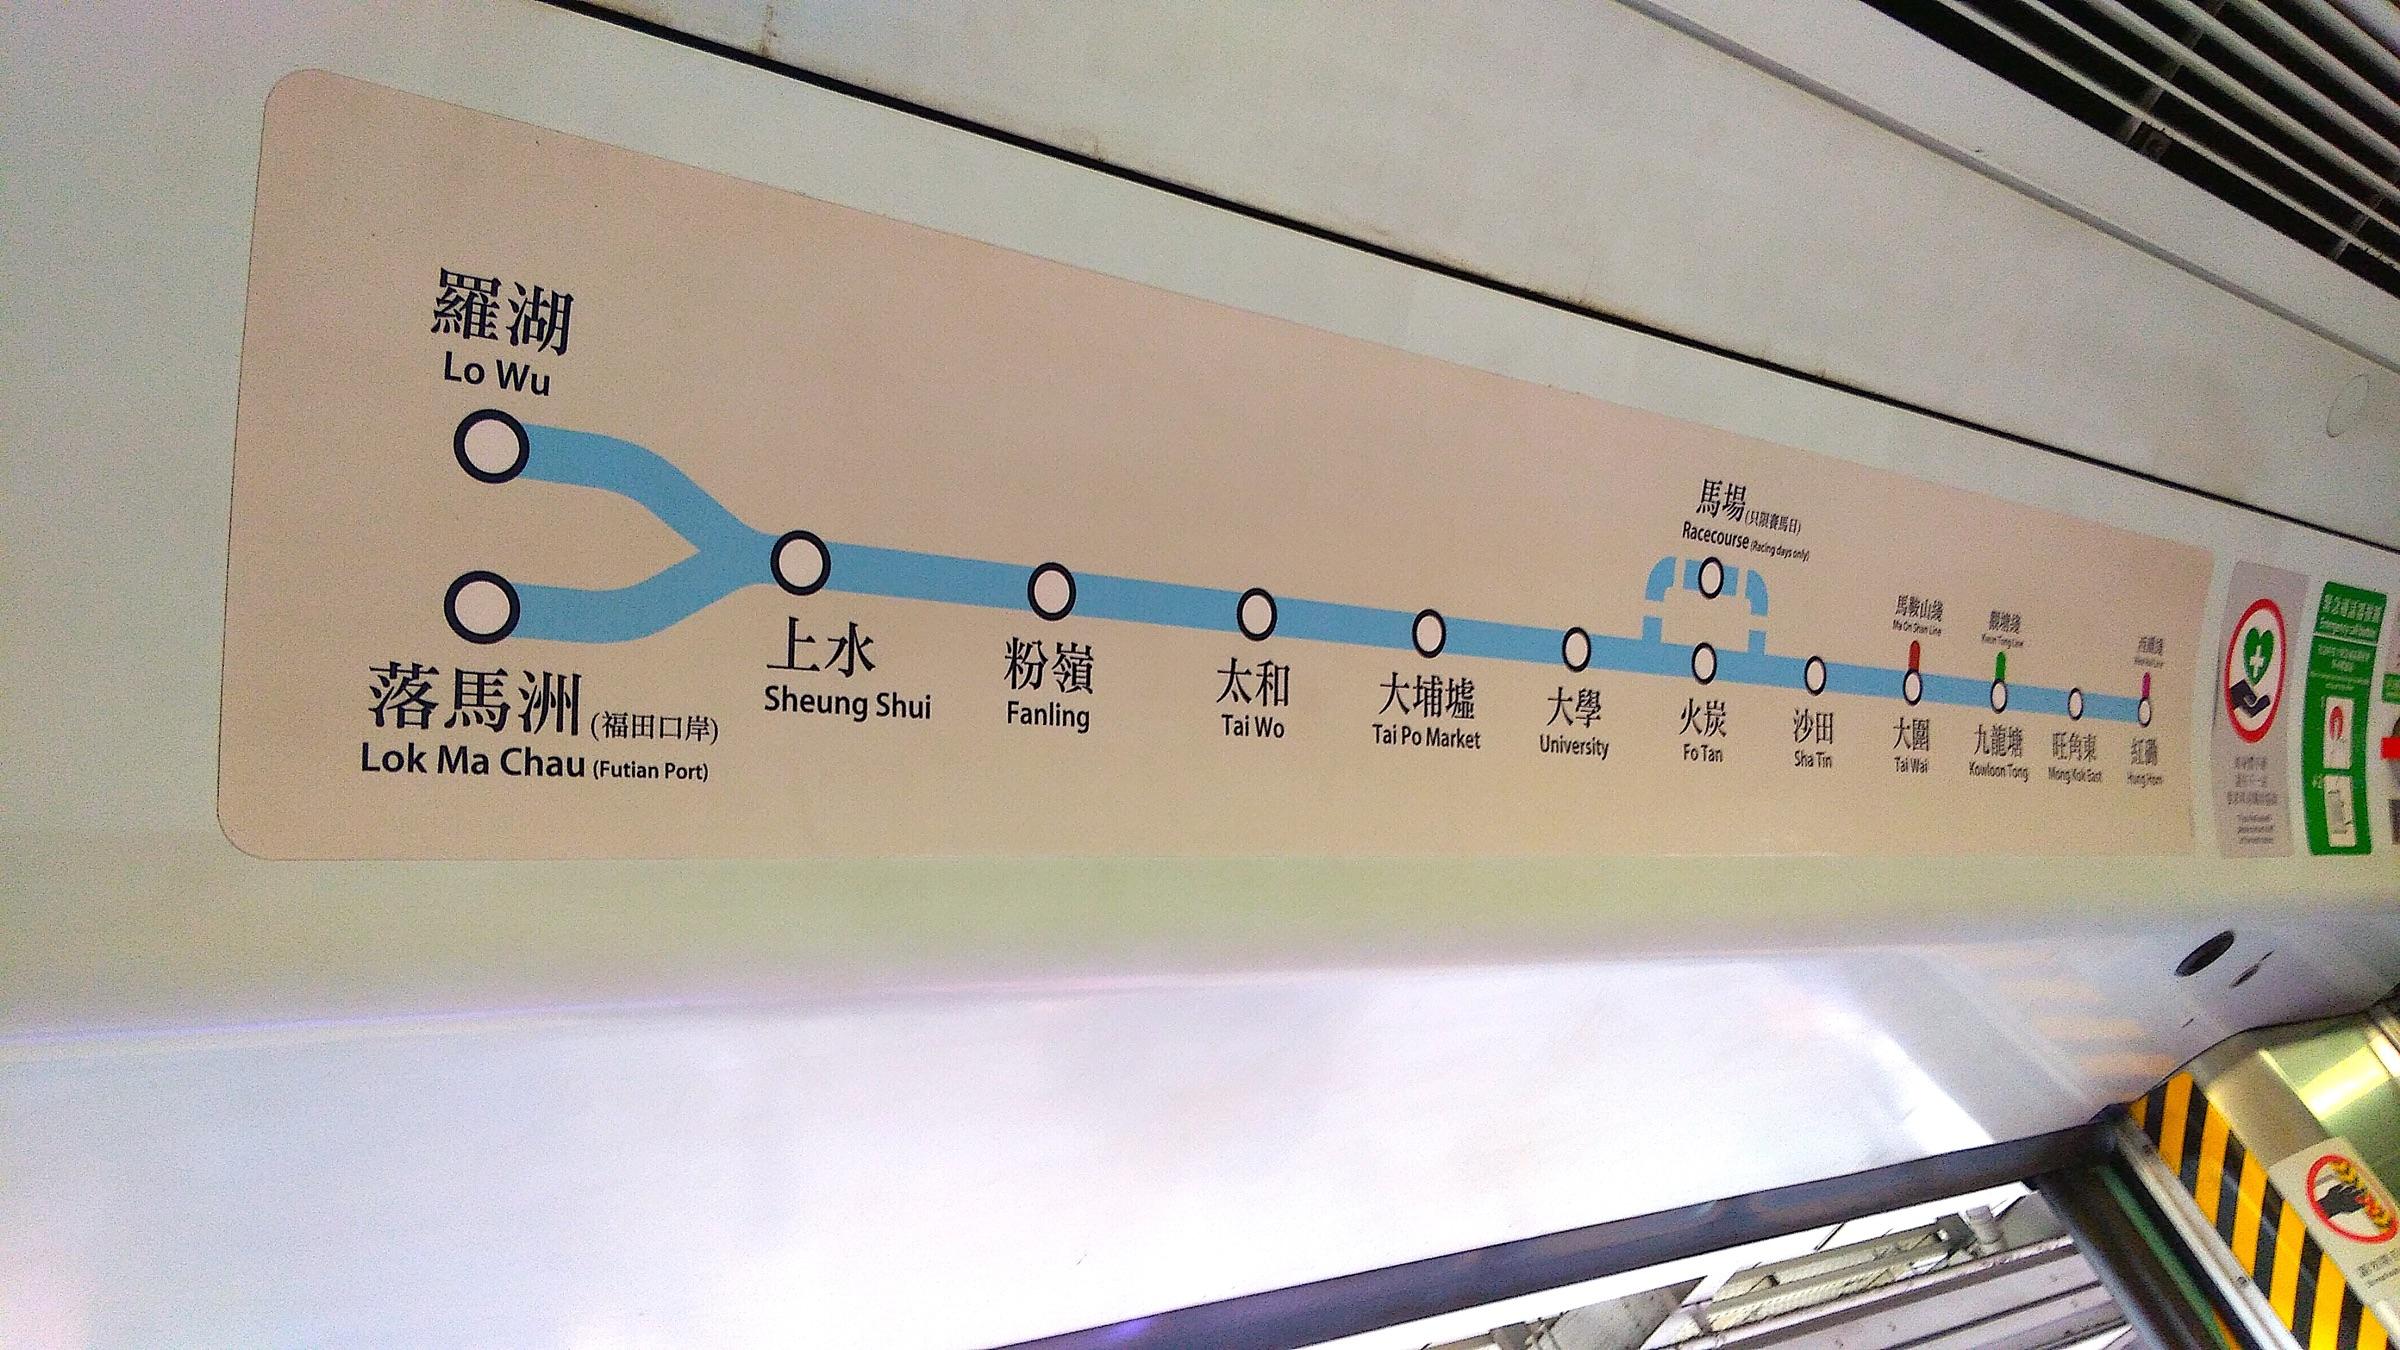 香港 旺角から中国国境の街 深セン 羅湖へ MTR路線図_[0]